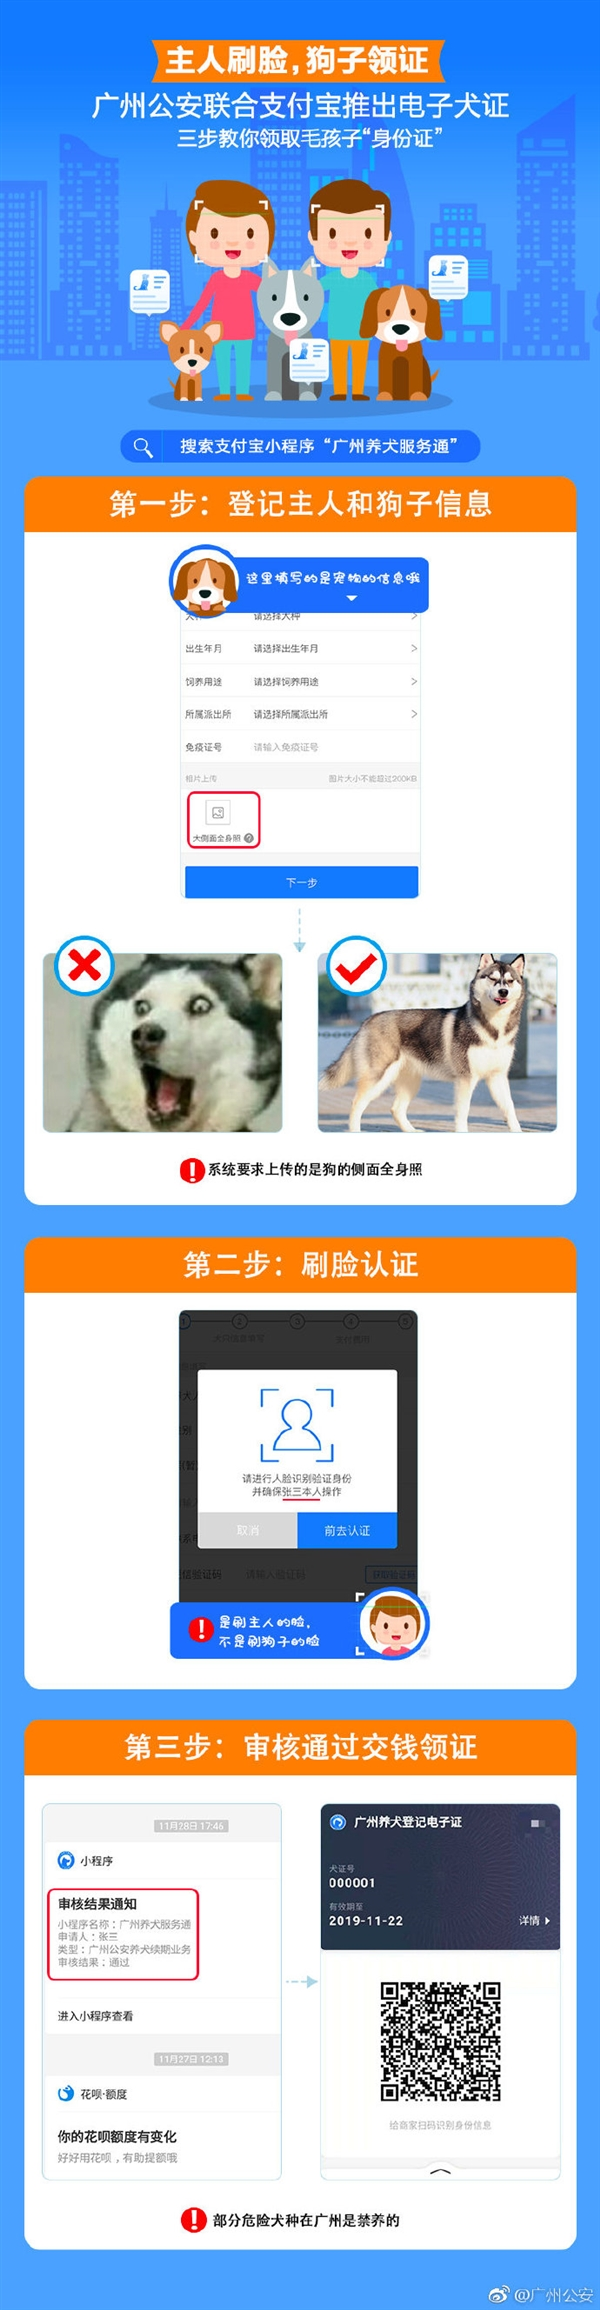 支付宝新功能:刷脸认证即可领取狗证